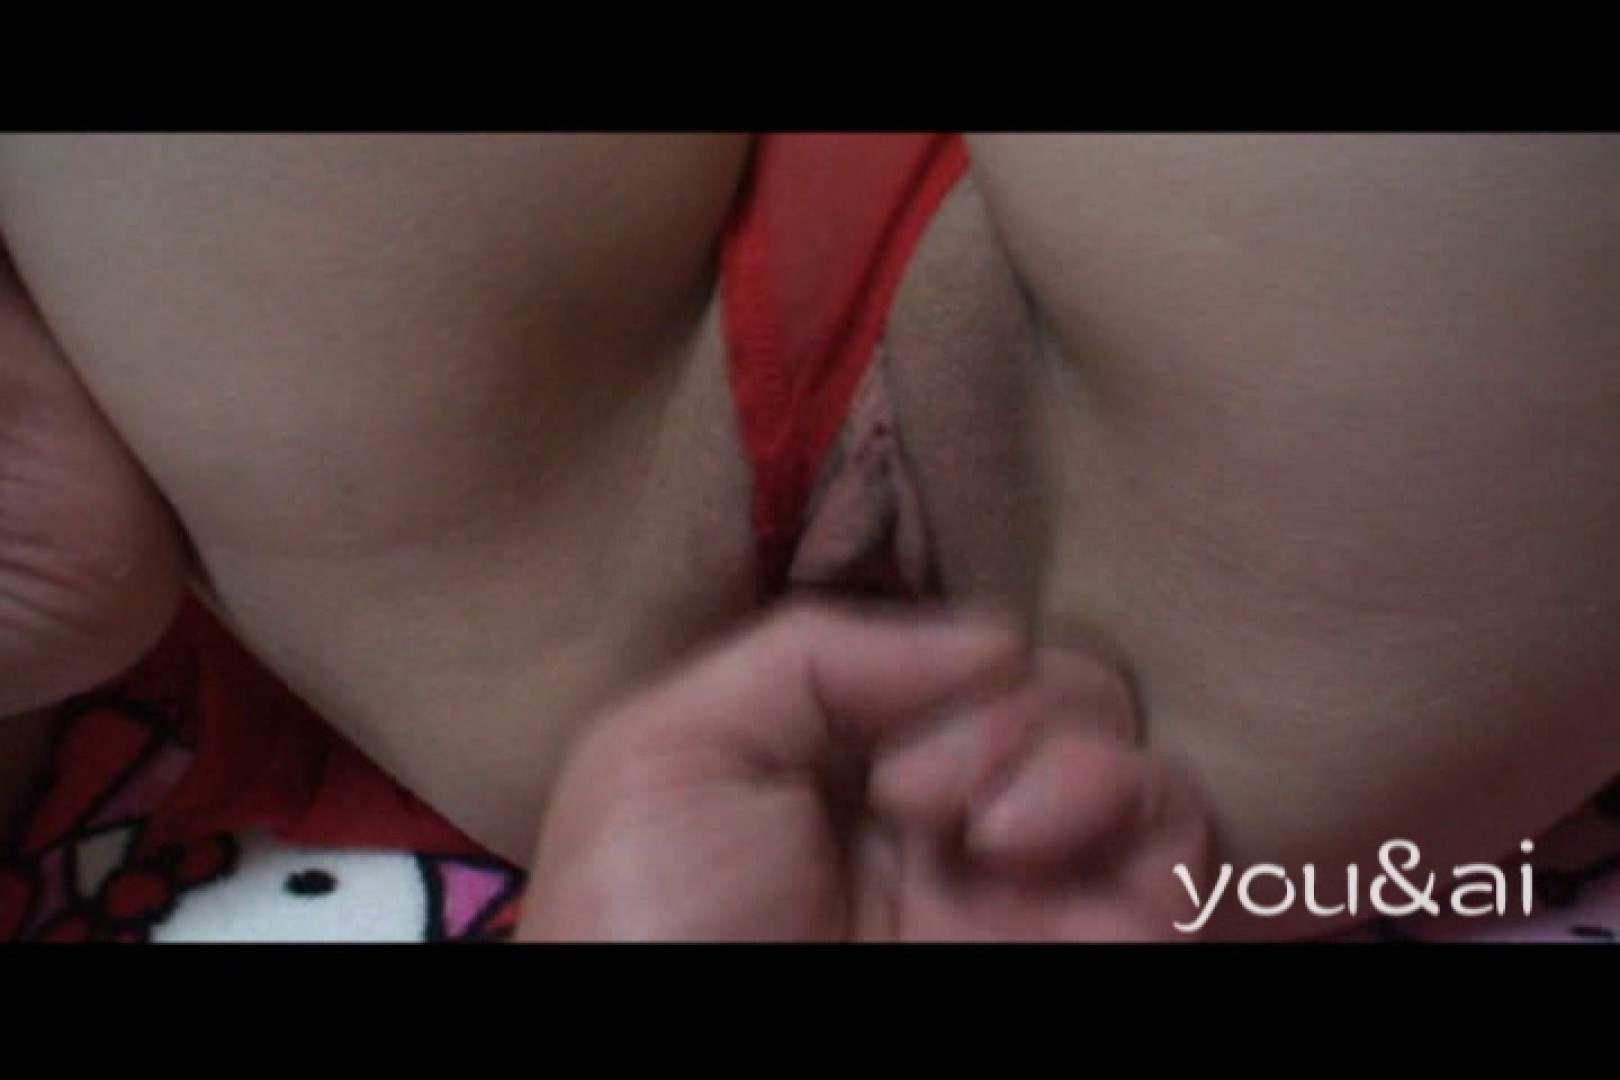 おしどり夫婦のyou&aiさん投稿作品vol.16 潮吹き おまんこ動画流出 52pic 47